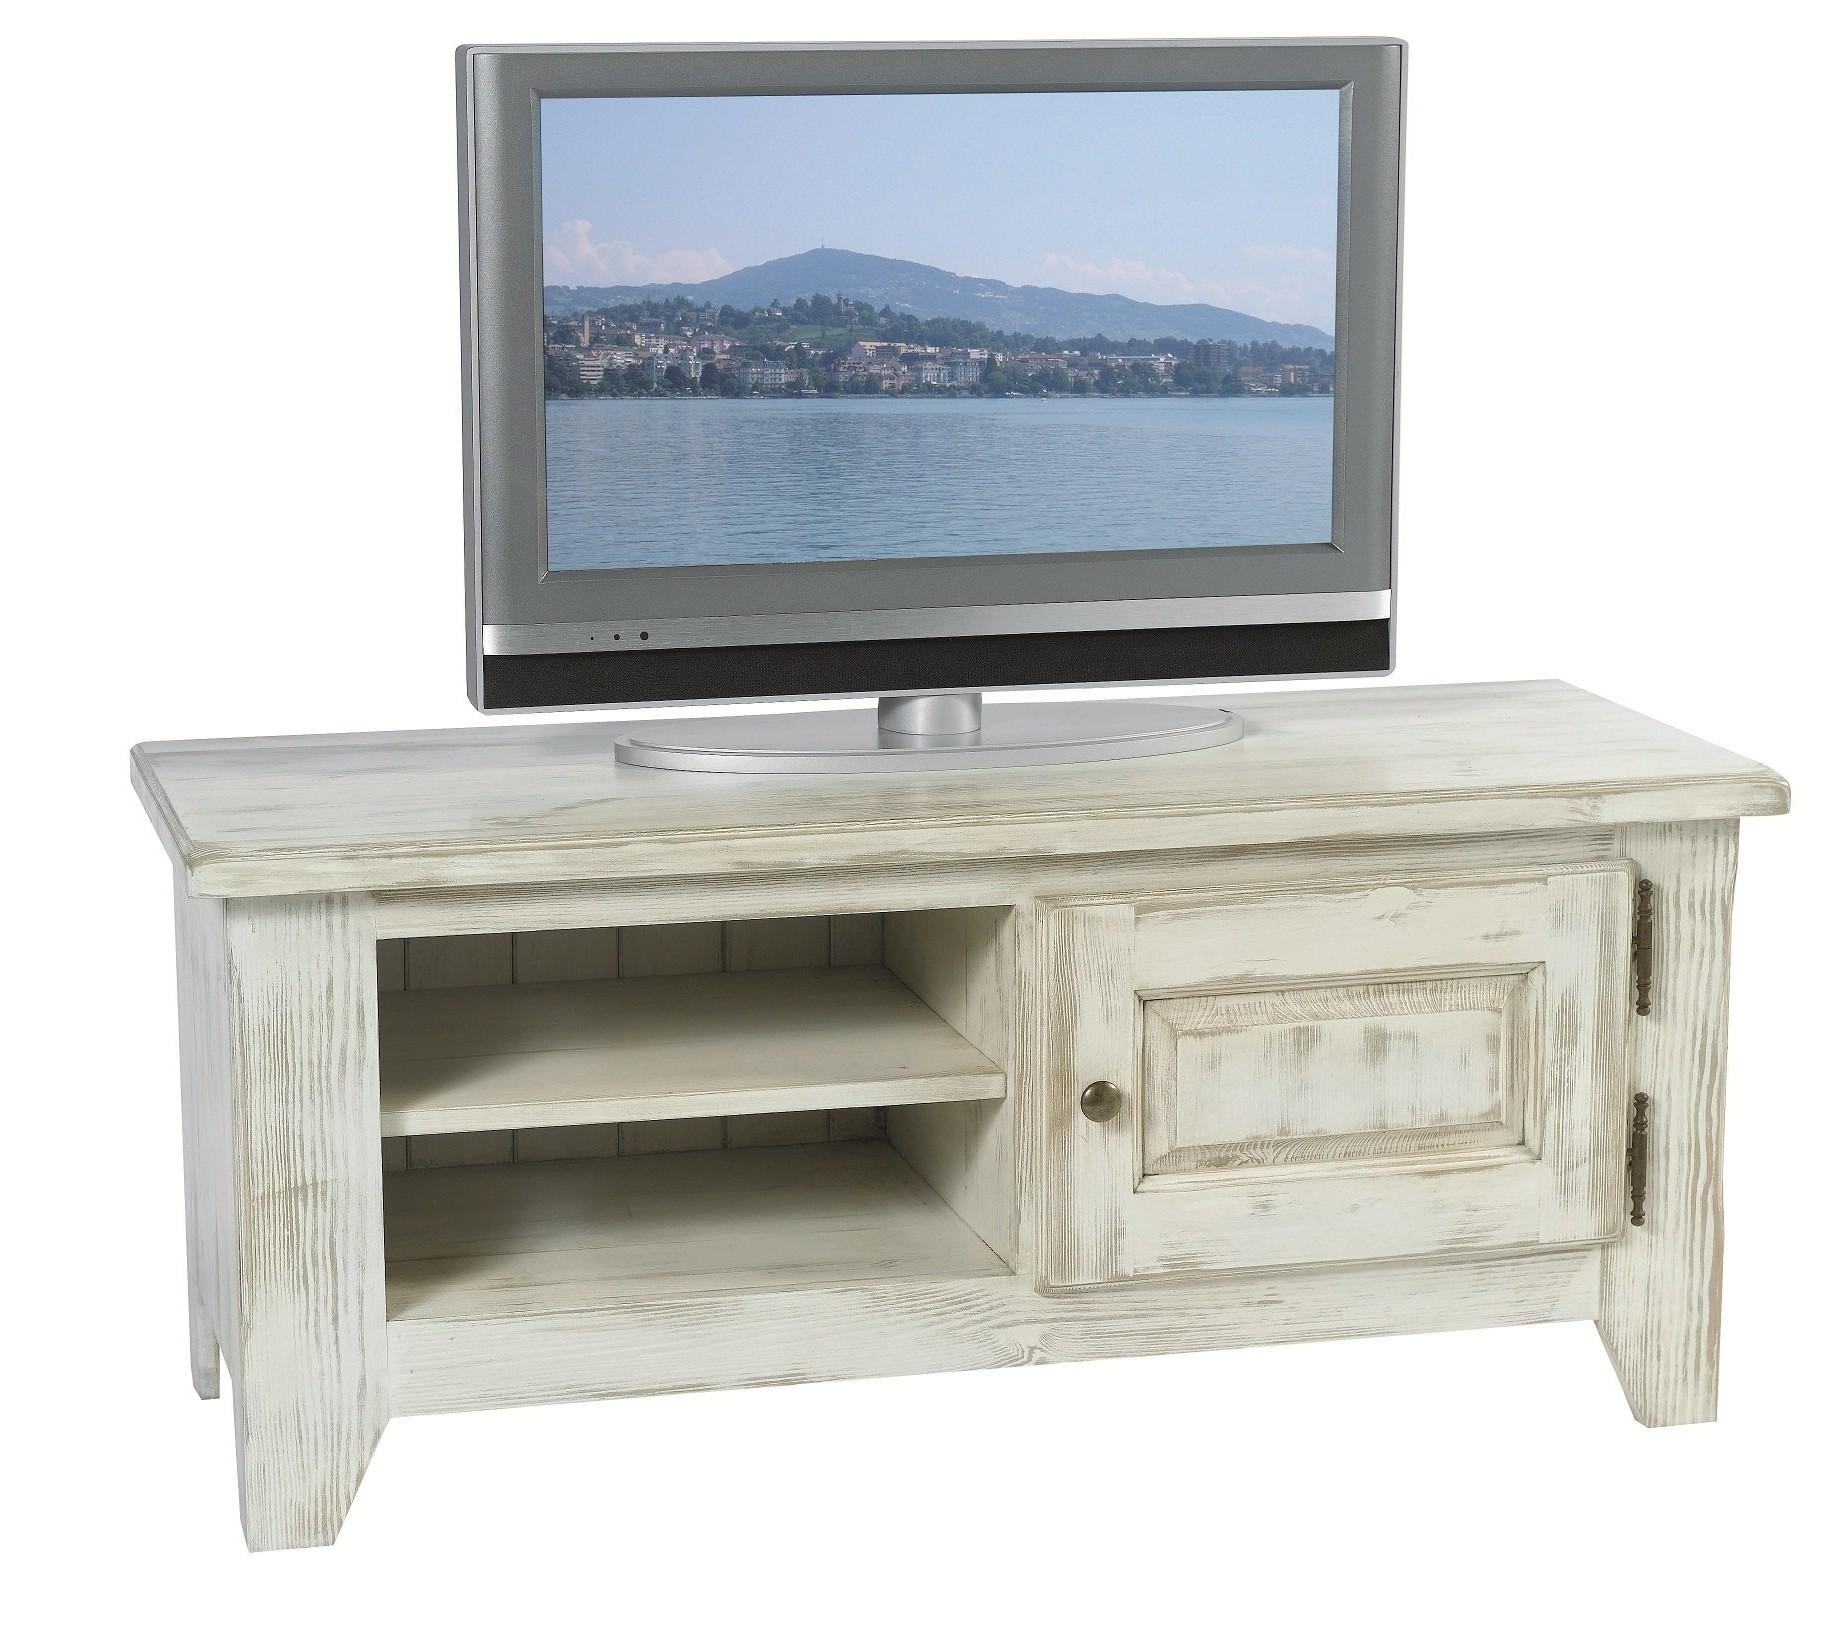 acheter populaire 76db5 1bbc3 Meuble TV pin cérusé blanchi 1 porte 2 niches 116x43x50cm RIVAGE